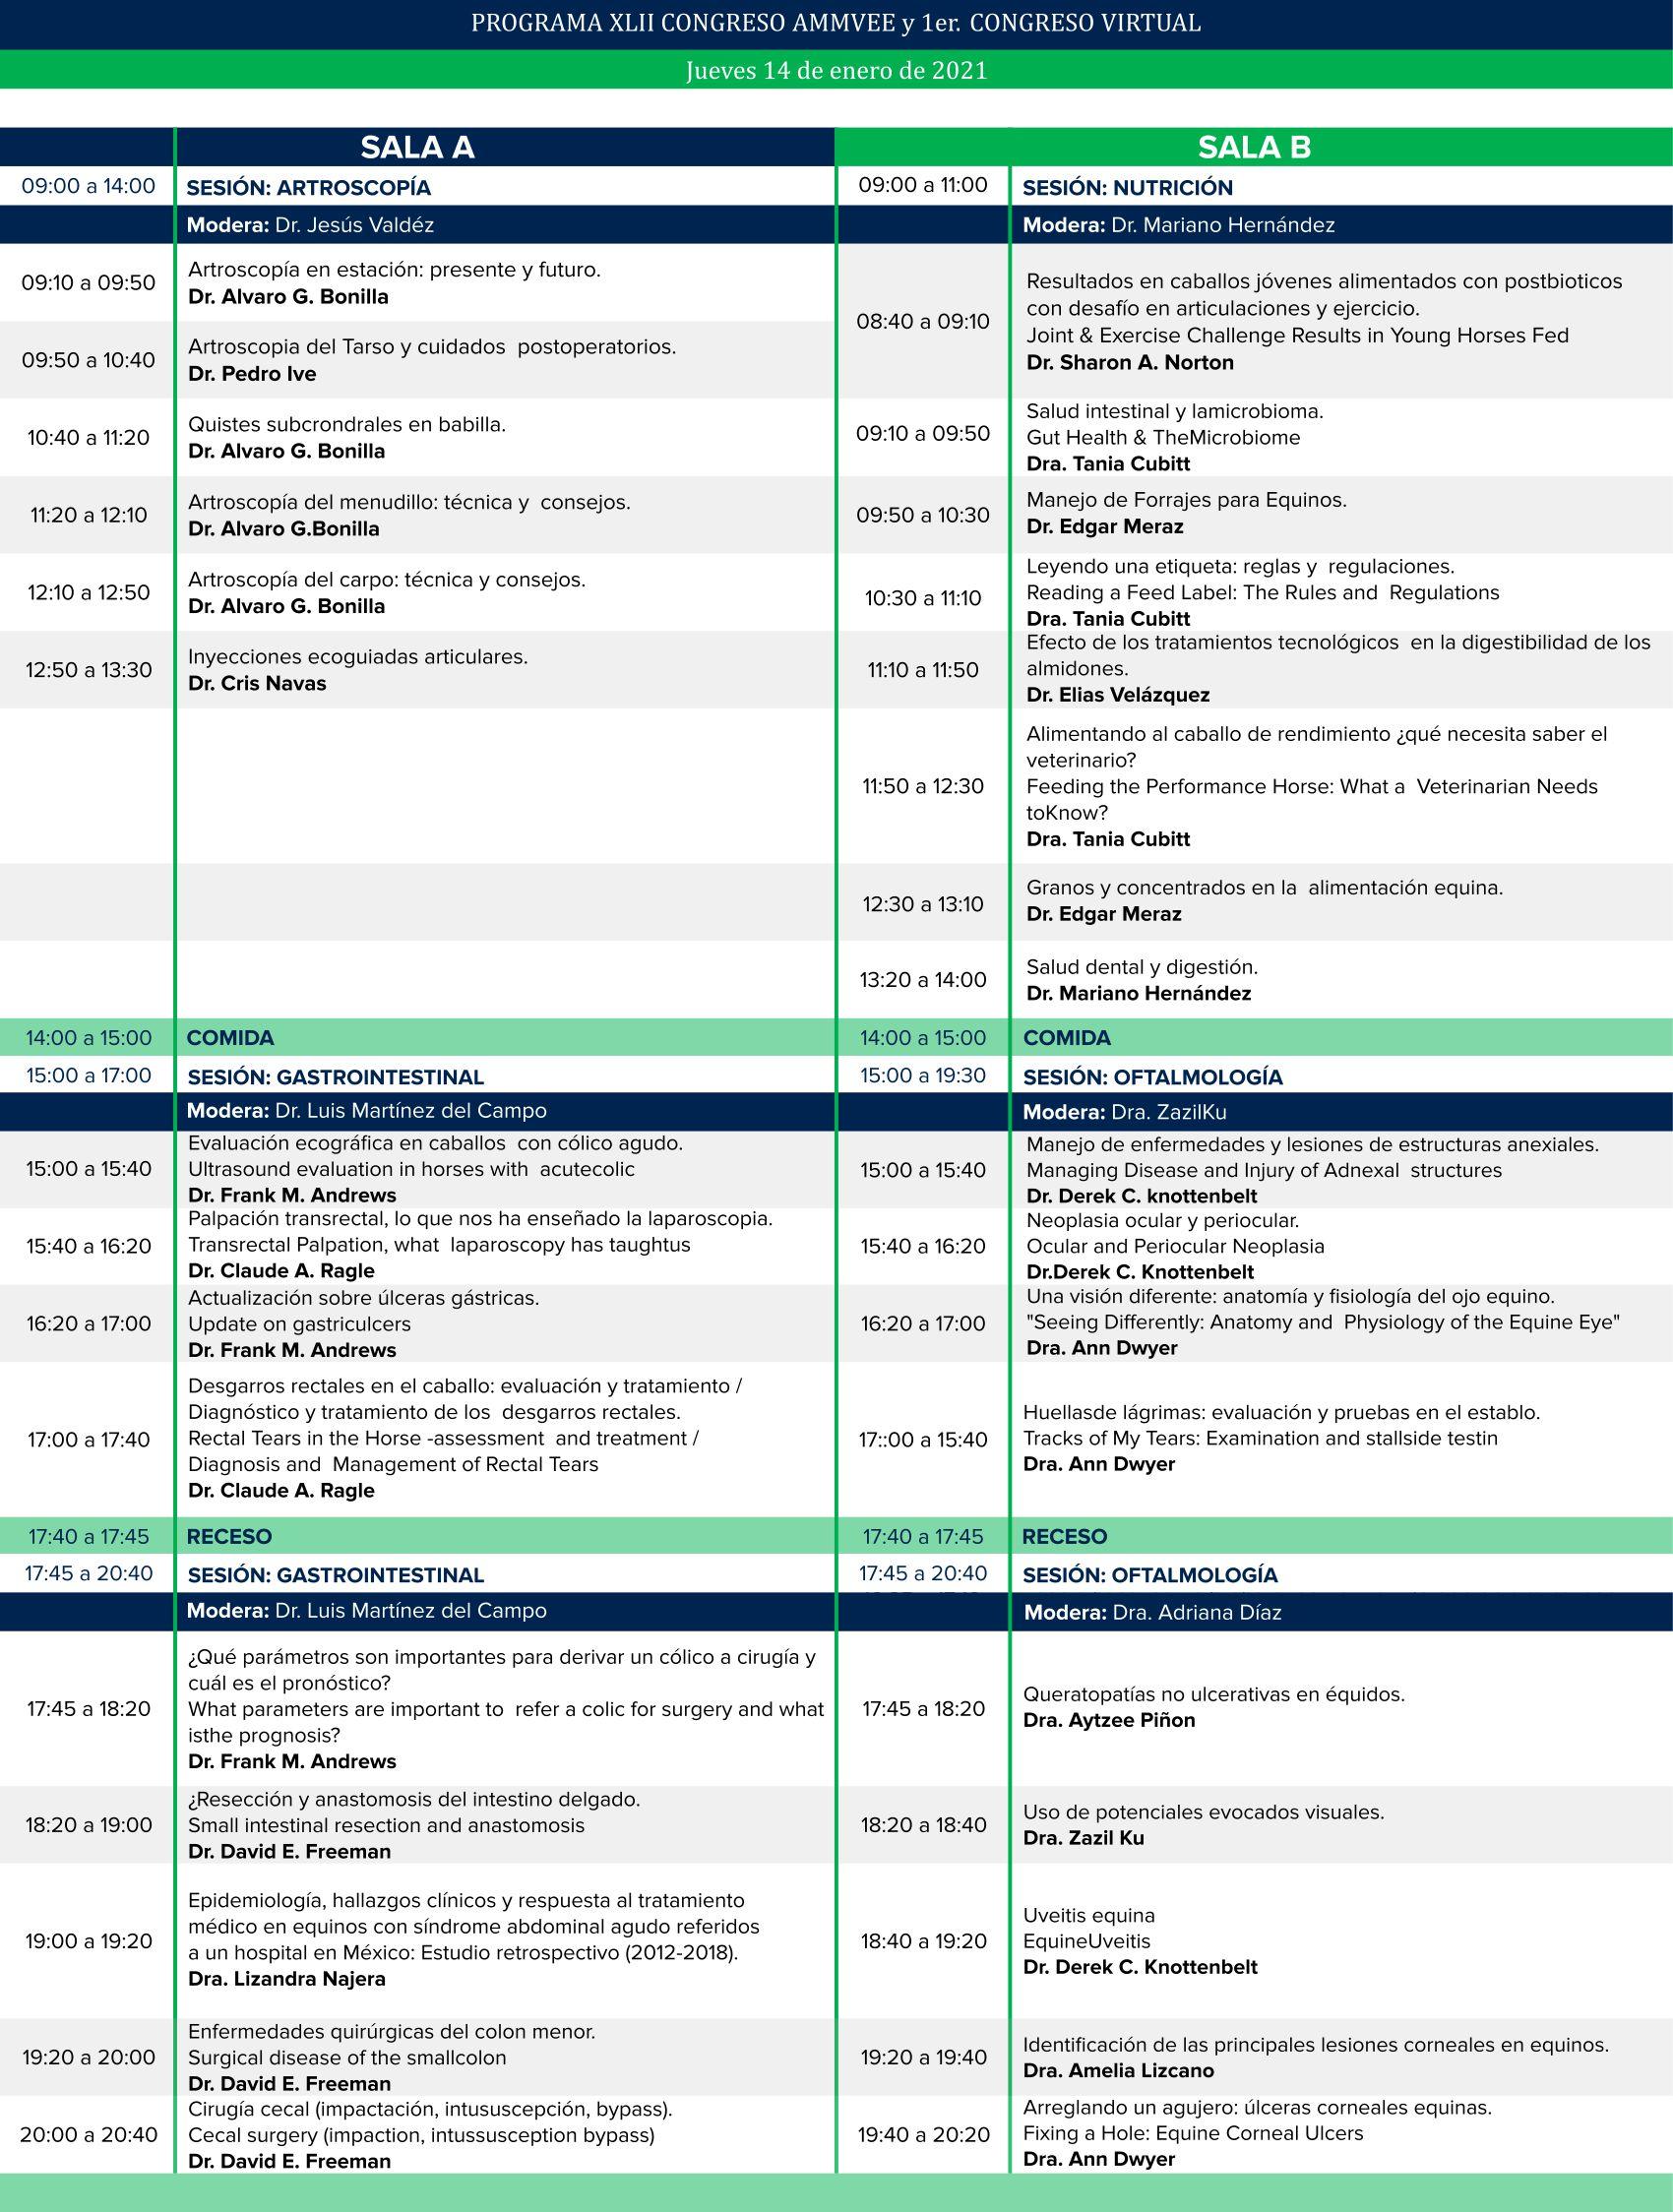 Congreso virtual AMMVEE - Programa 14 de enero de 2021